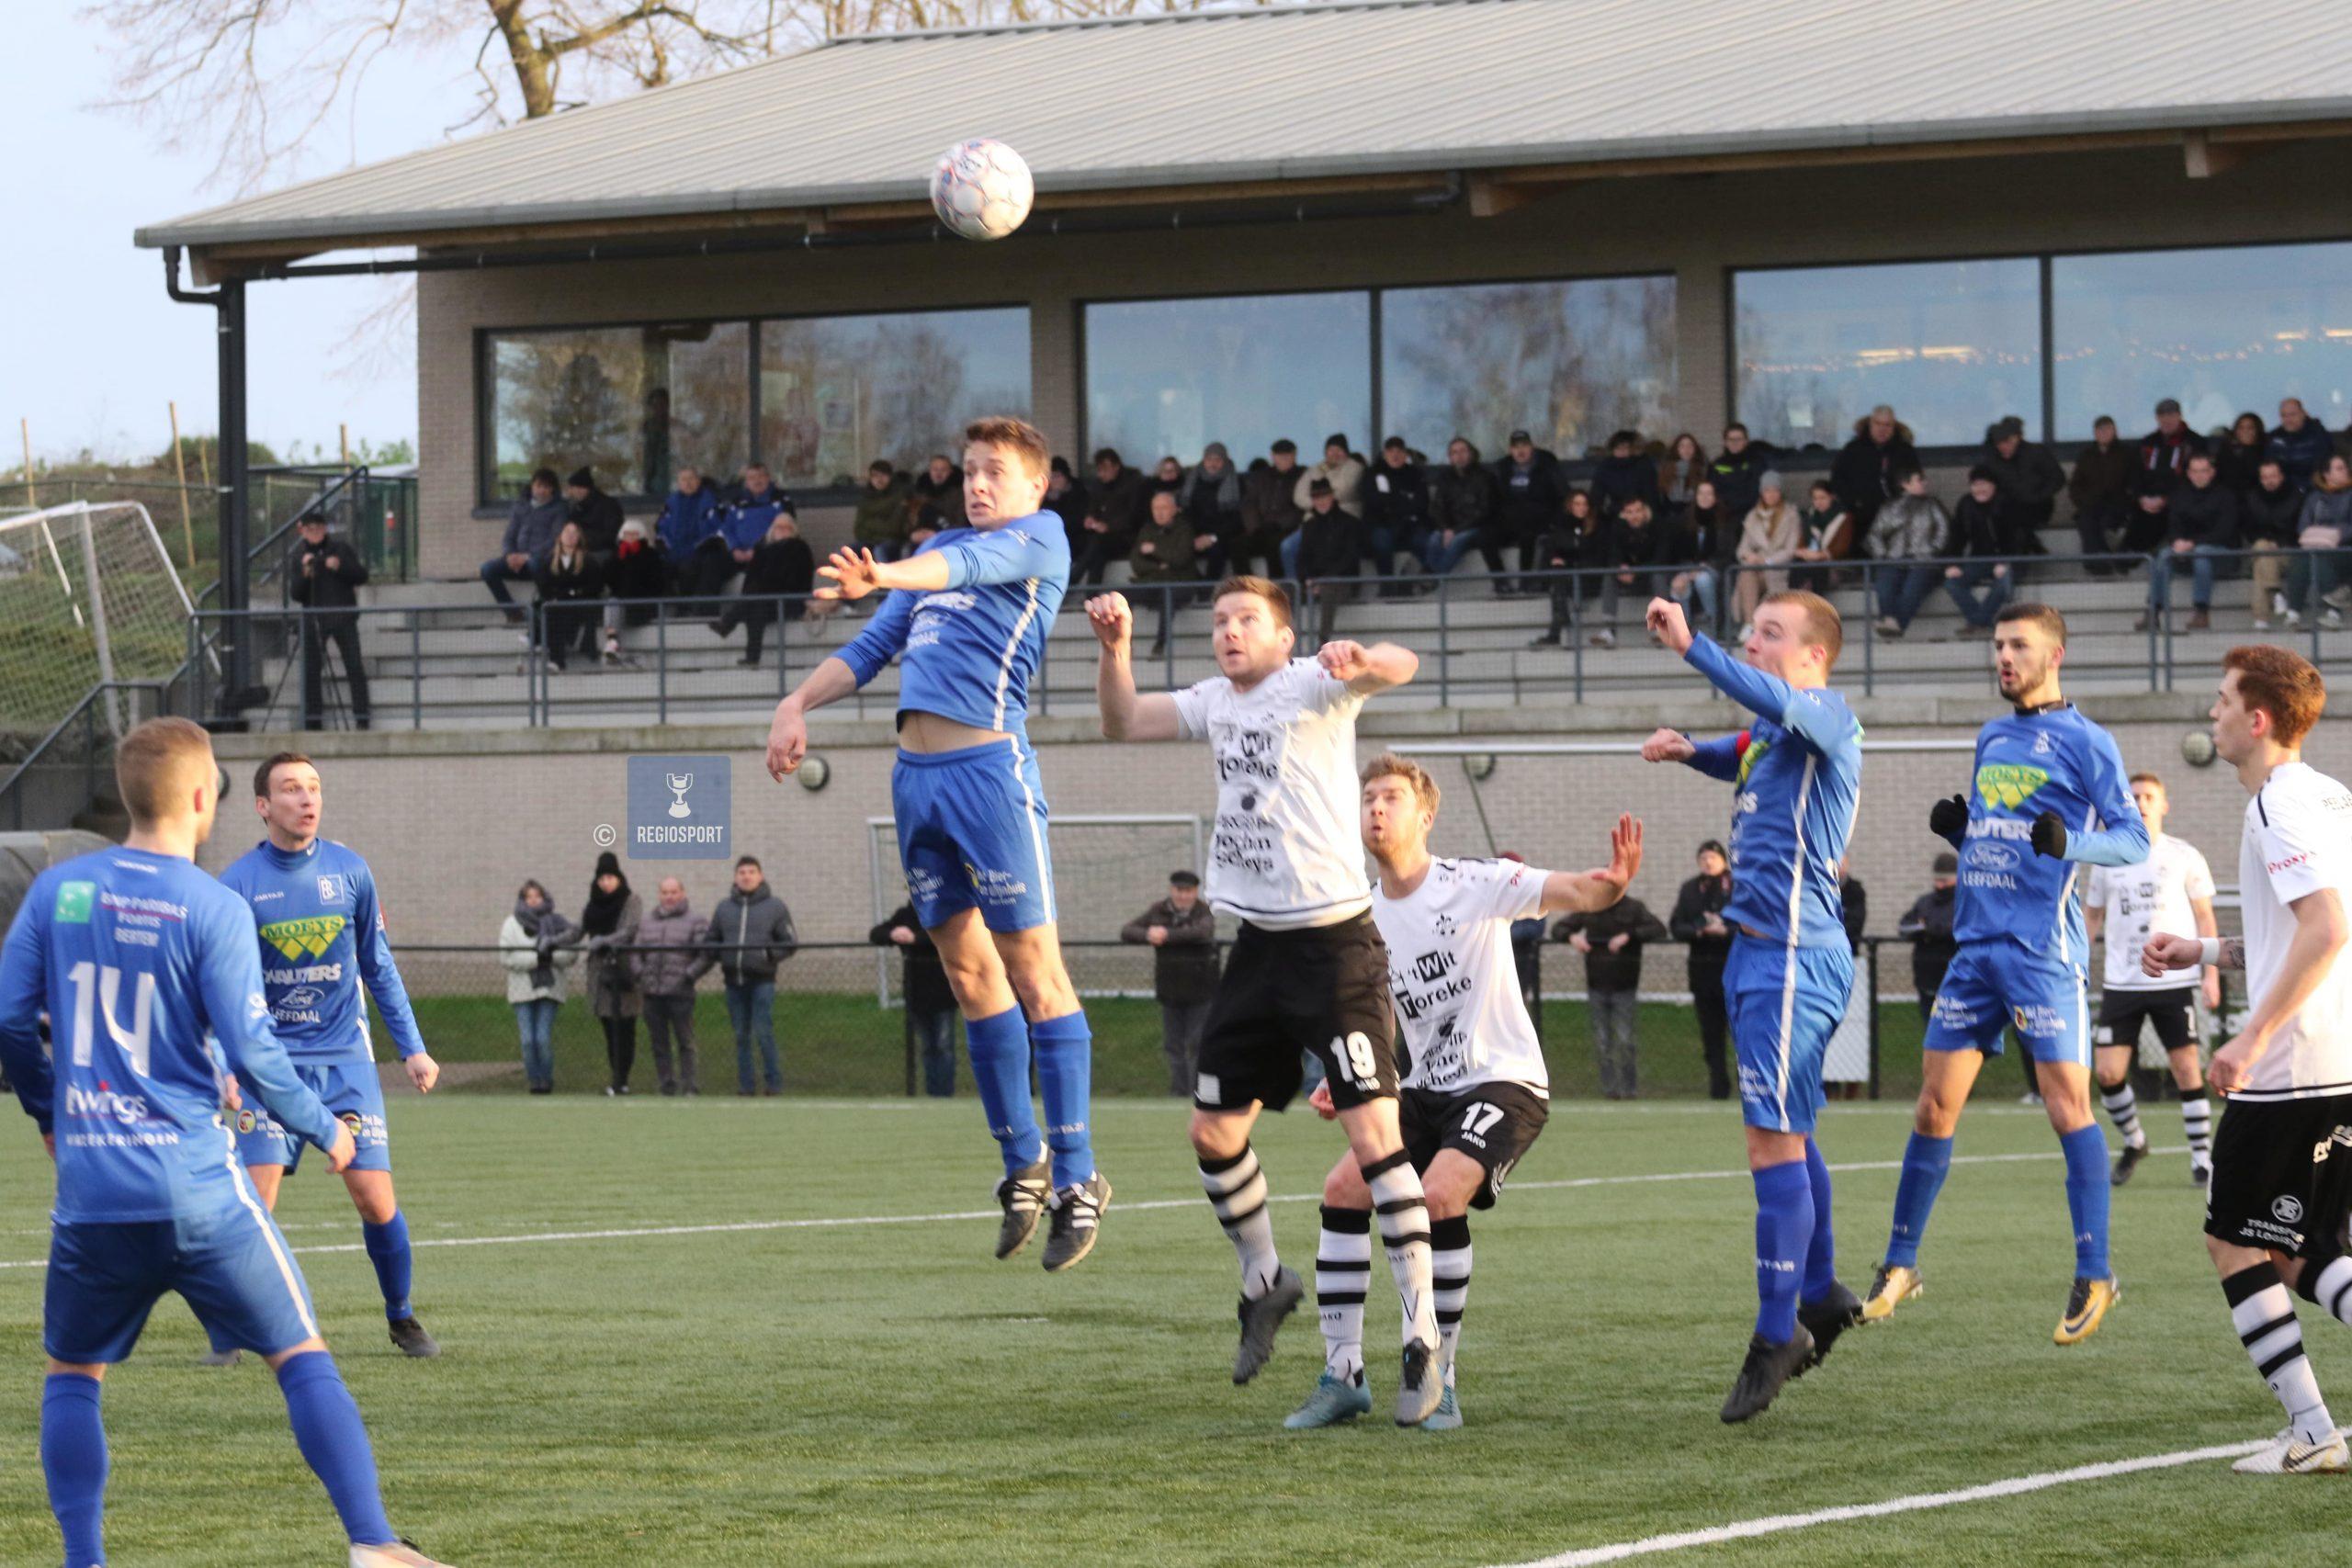 Voetballen we dit seizoen nog? De voorzitters van SC Aarschot, KV Kester-Gooik, Greunsjotters Vossem en Sporting Erps-Kwerps spreken!